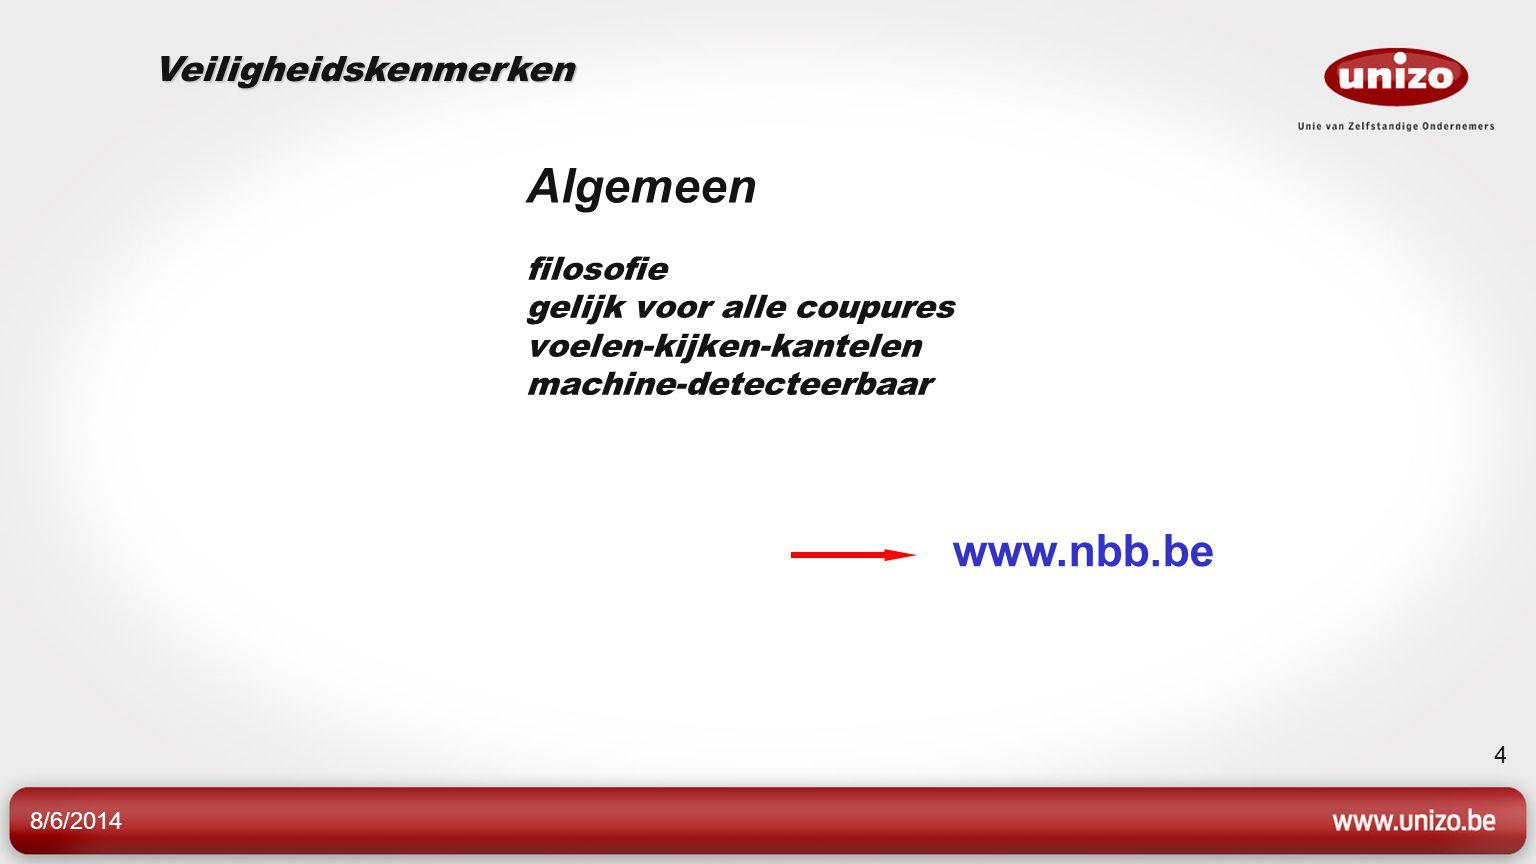 8/6/2014 4 Algemeen filosofie gelijk voor alle coupures voelen-kijken-kantelen machine-detecteerbaar Veiligheidskenmerken www.nbb.be